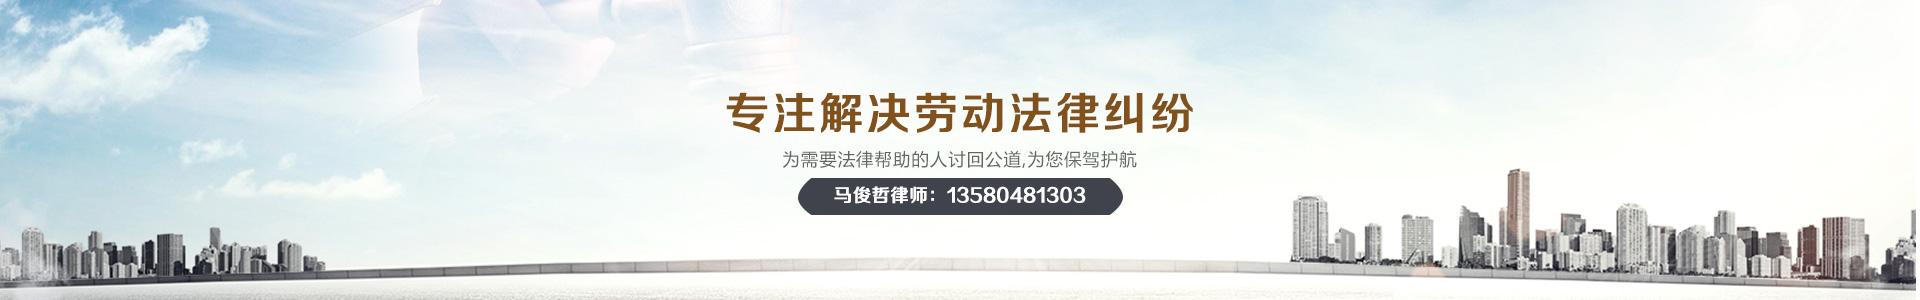 index-banner